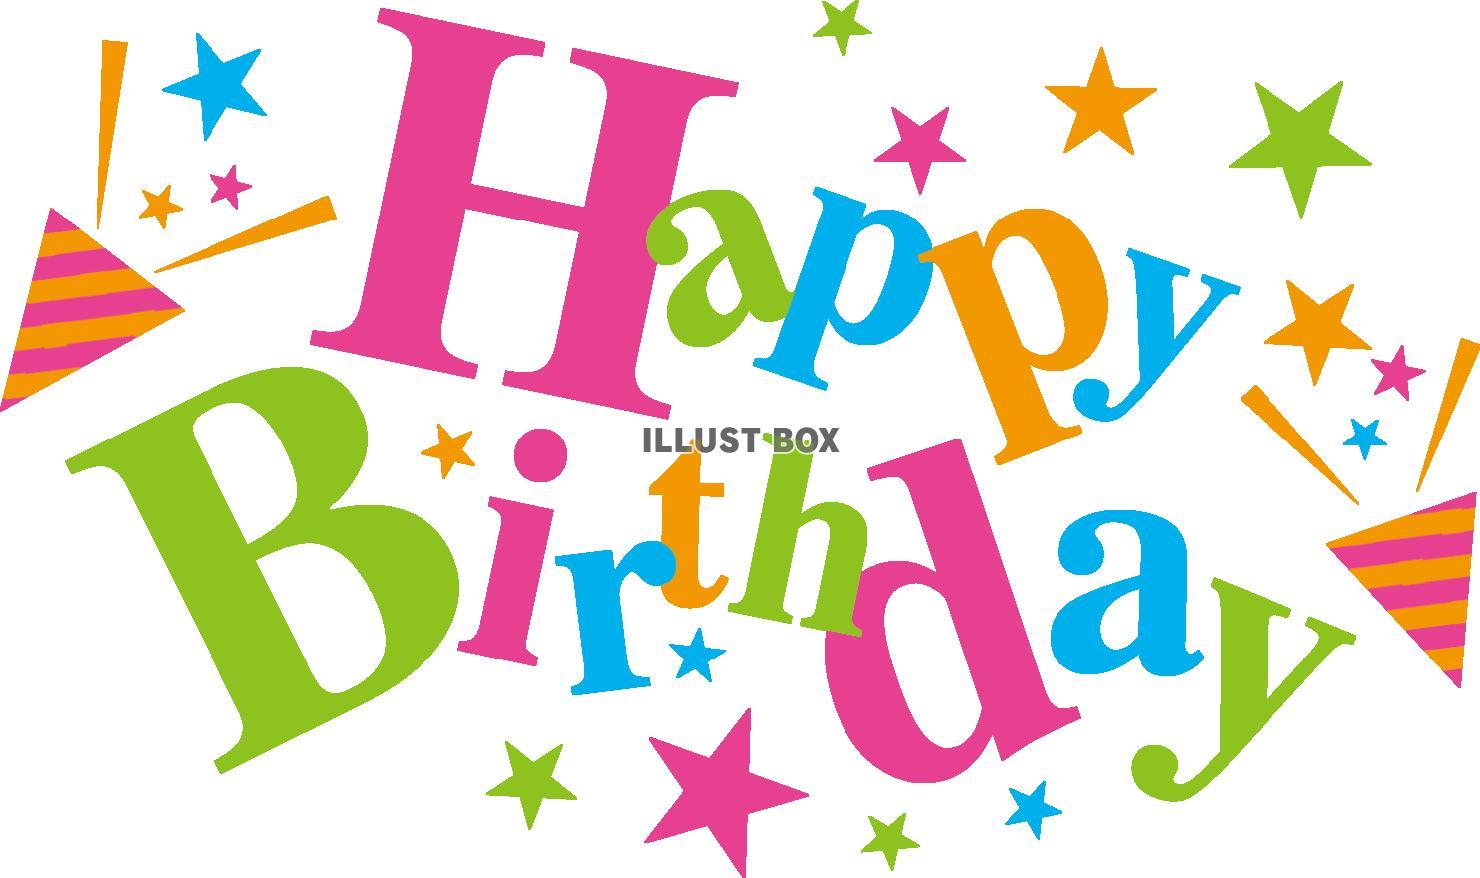 無料イラスト 誕生日おめでとう Happy Birthday 英語ロゴ